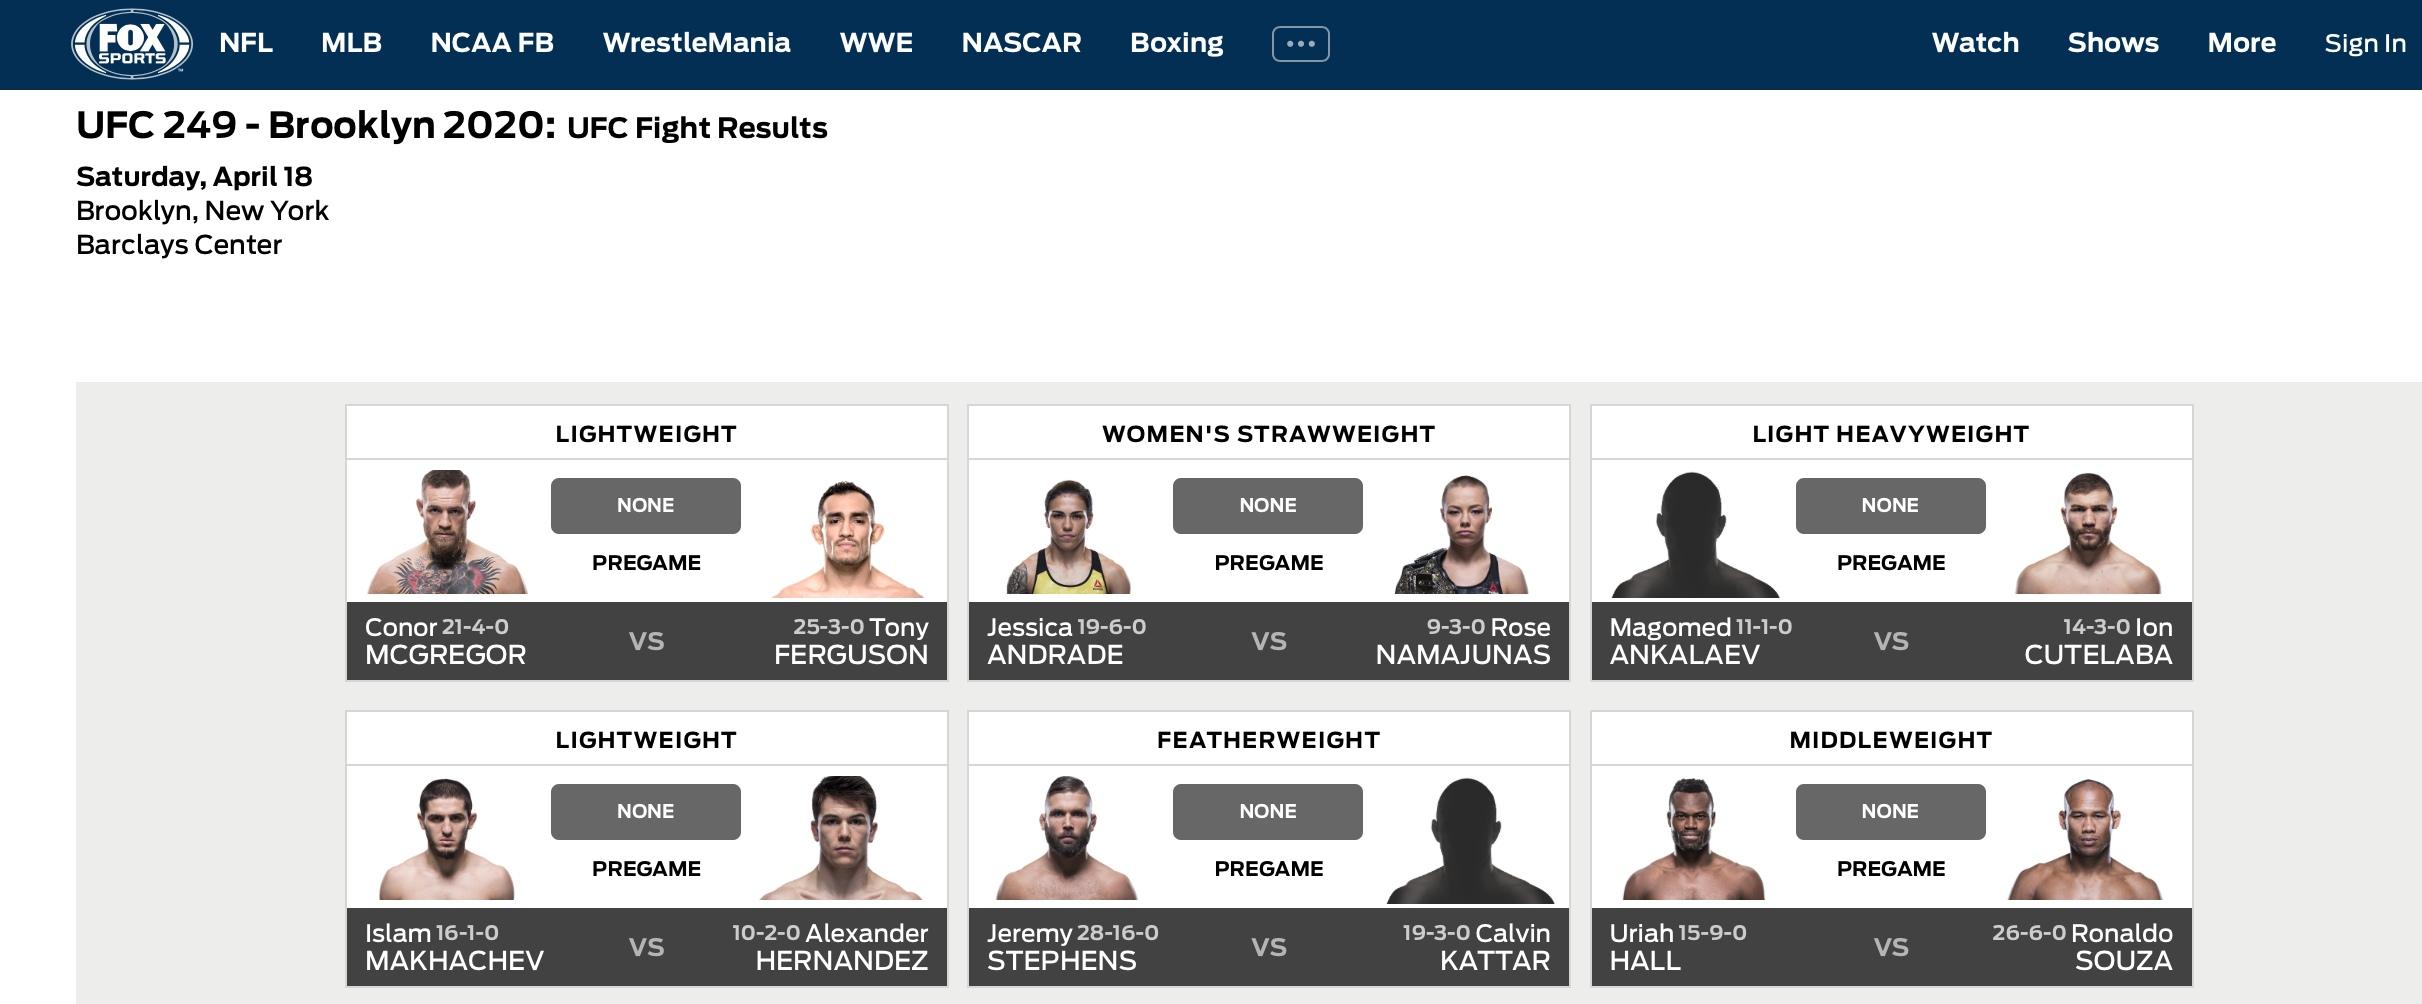 Иллюстрация: сайт телеканала Fox Sports